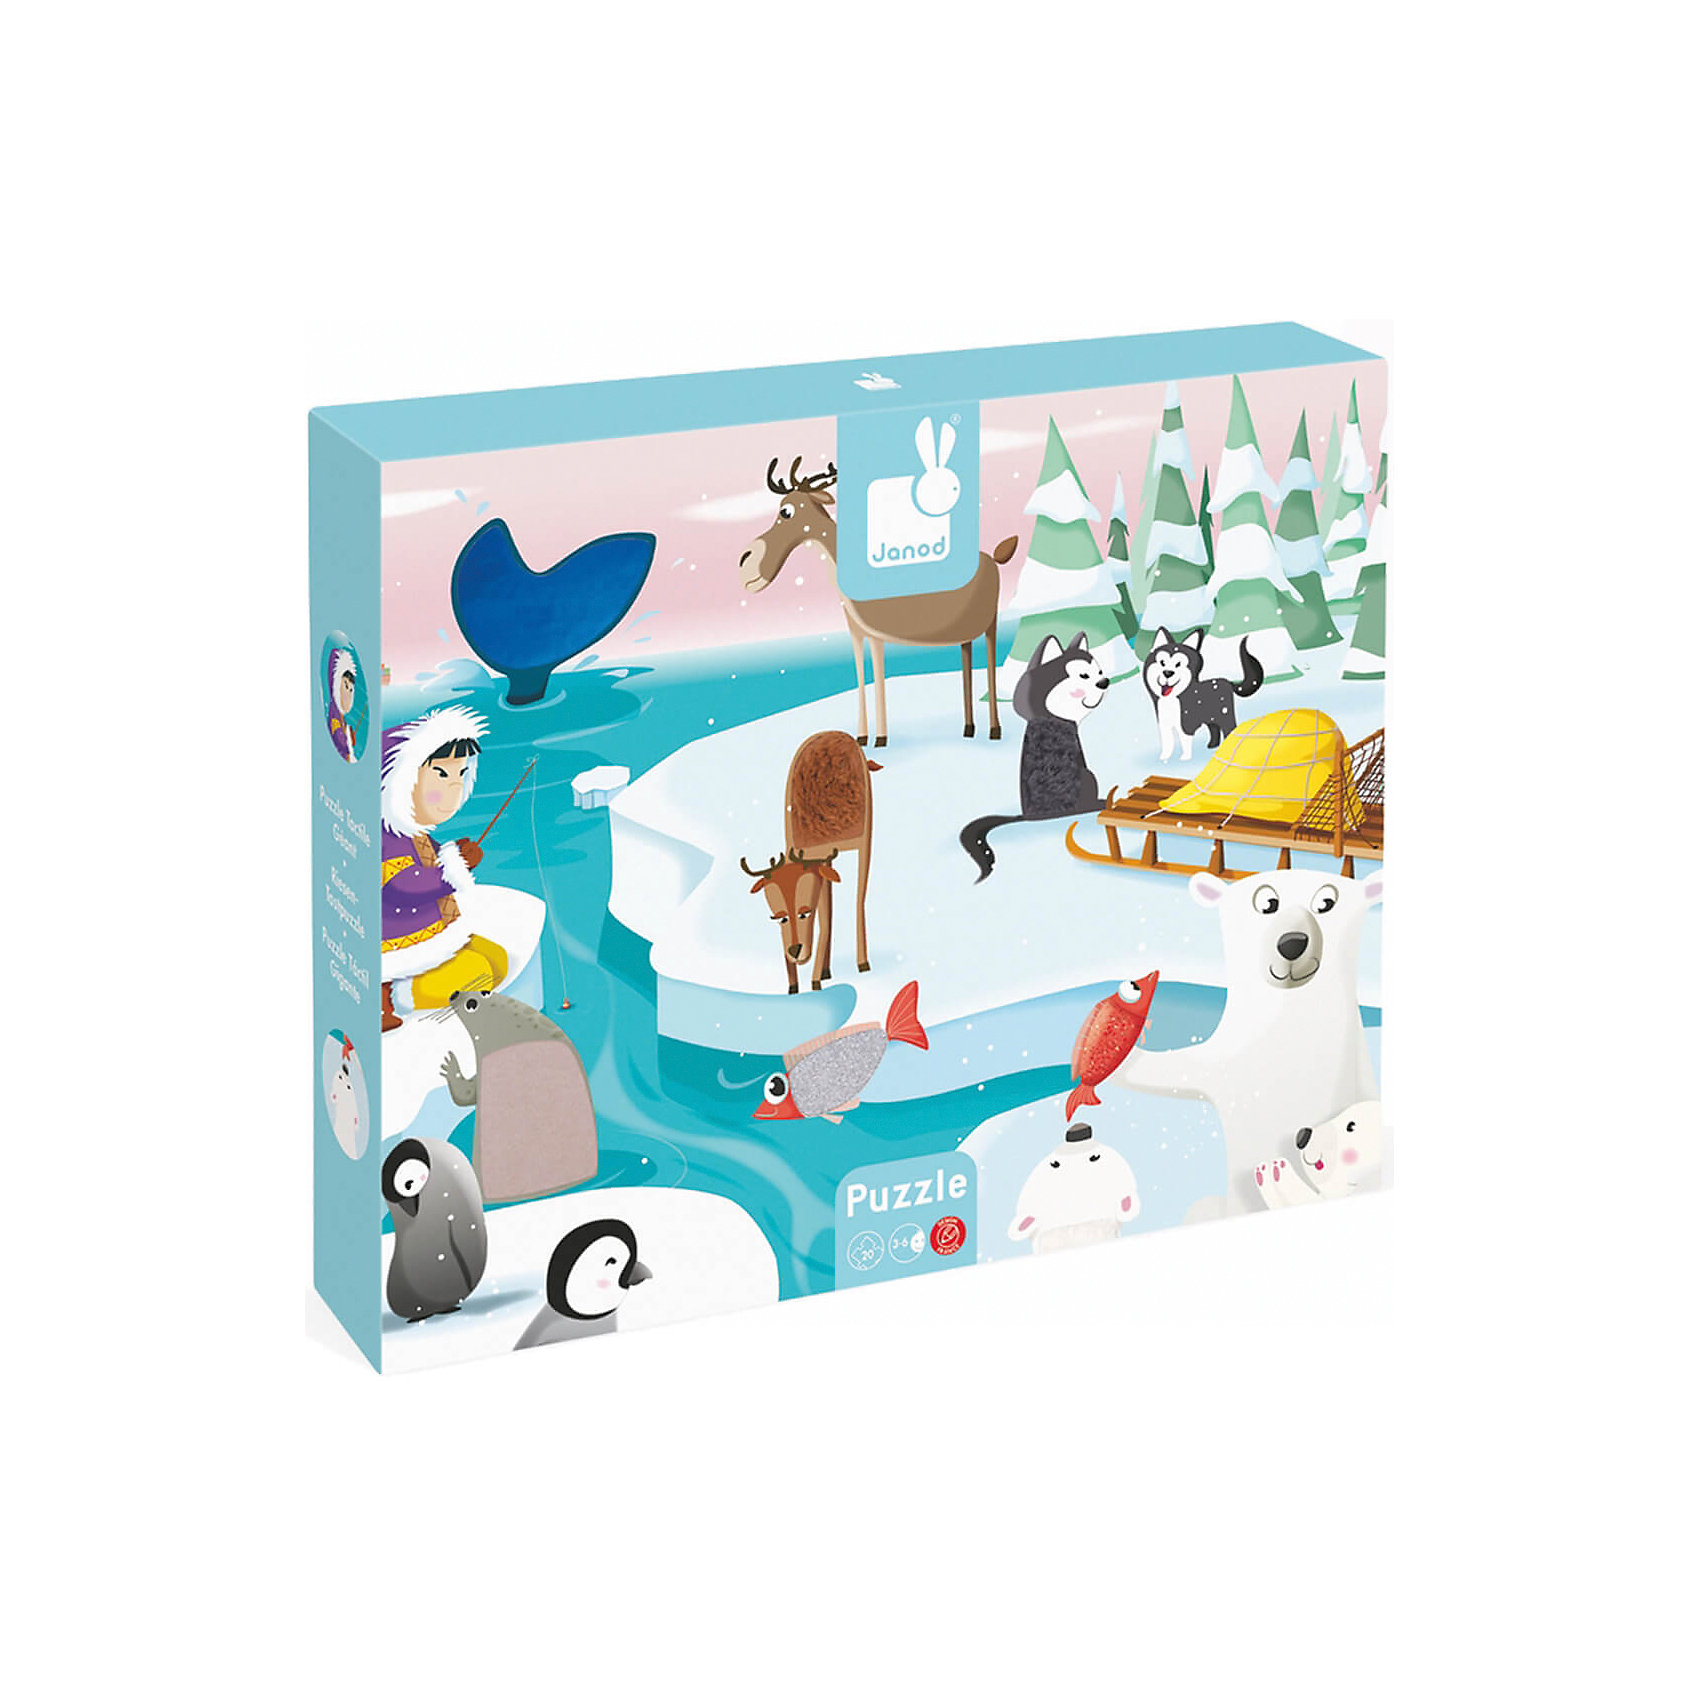 janod настольная игра с кубиками огород janod Janod Пазл с разными текстурами Жизнь на Севере, 20 деталей Janod